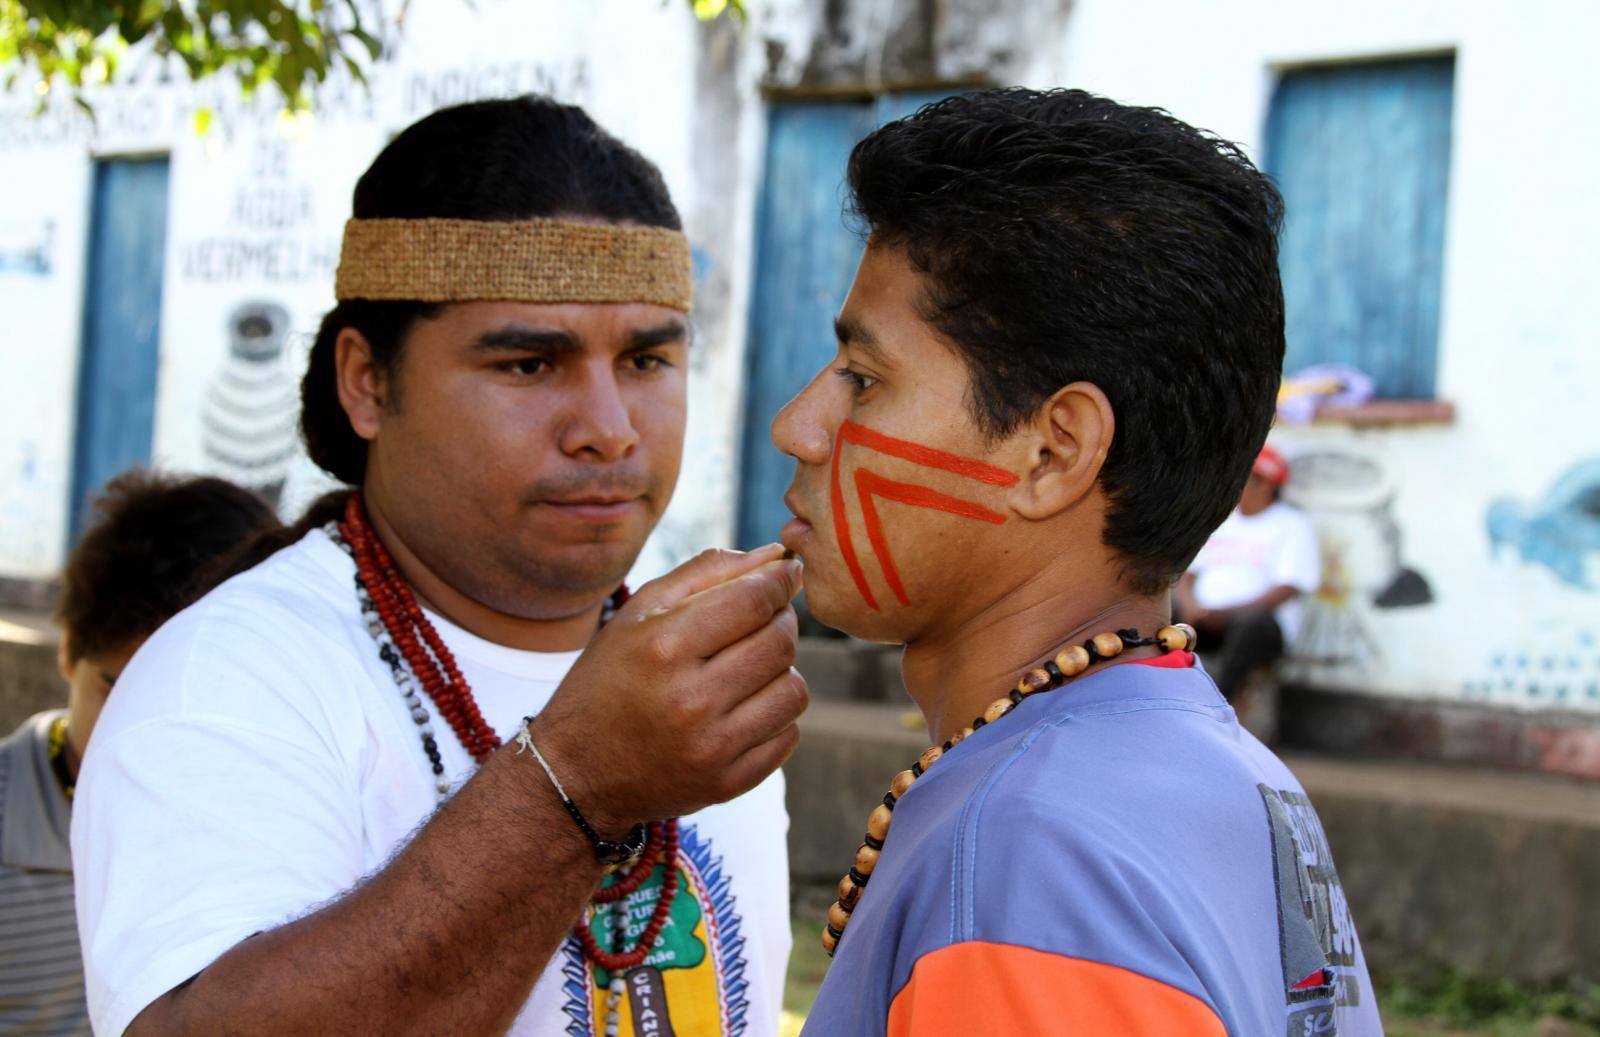 Fábio Titiá, uma liderança dos Pataxós HãHãHãe paints a nephew's face with Urucum paint before a Tore.